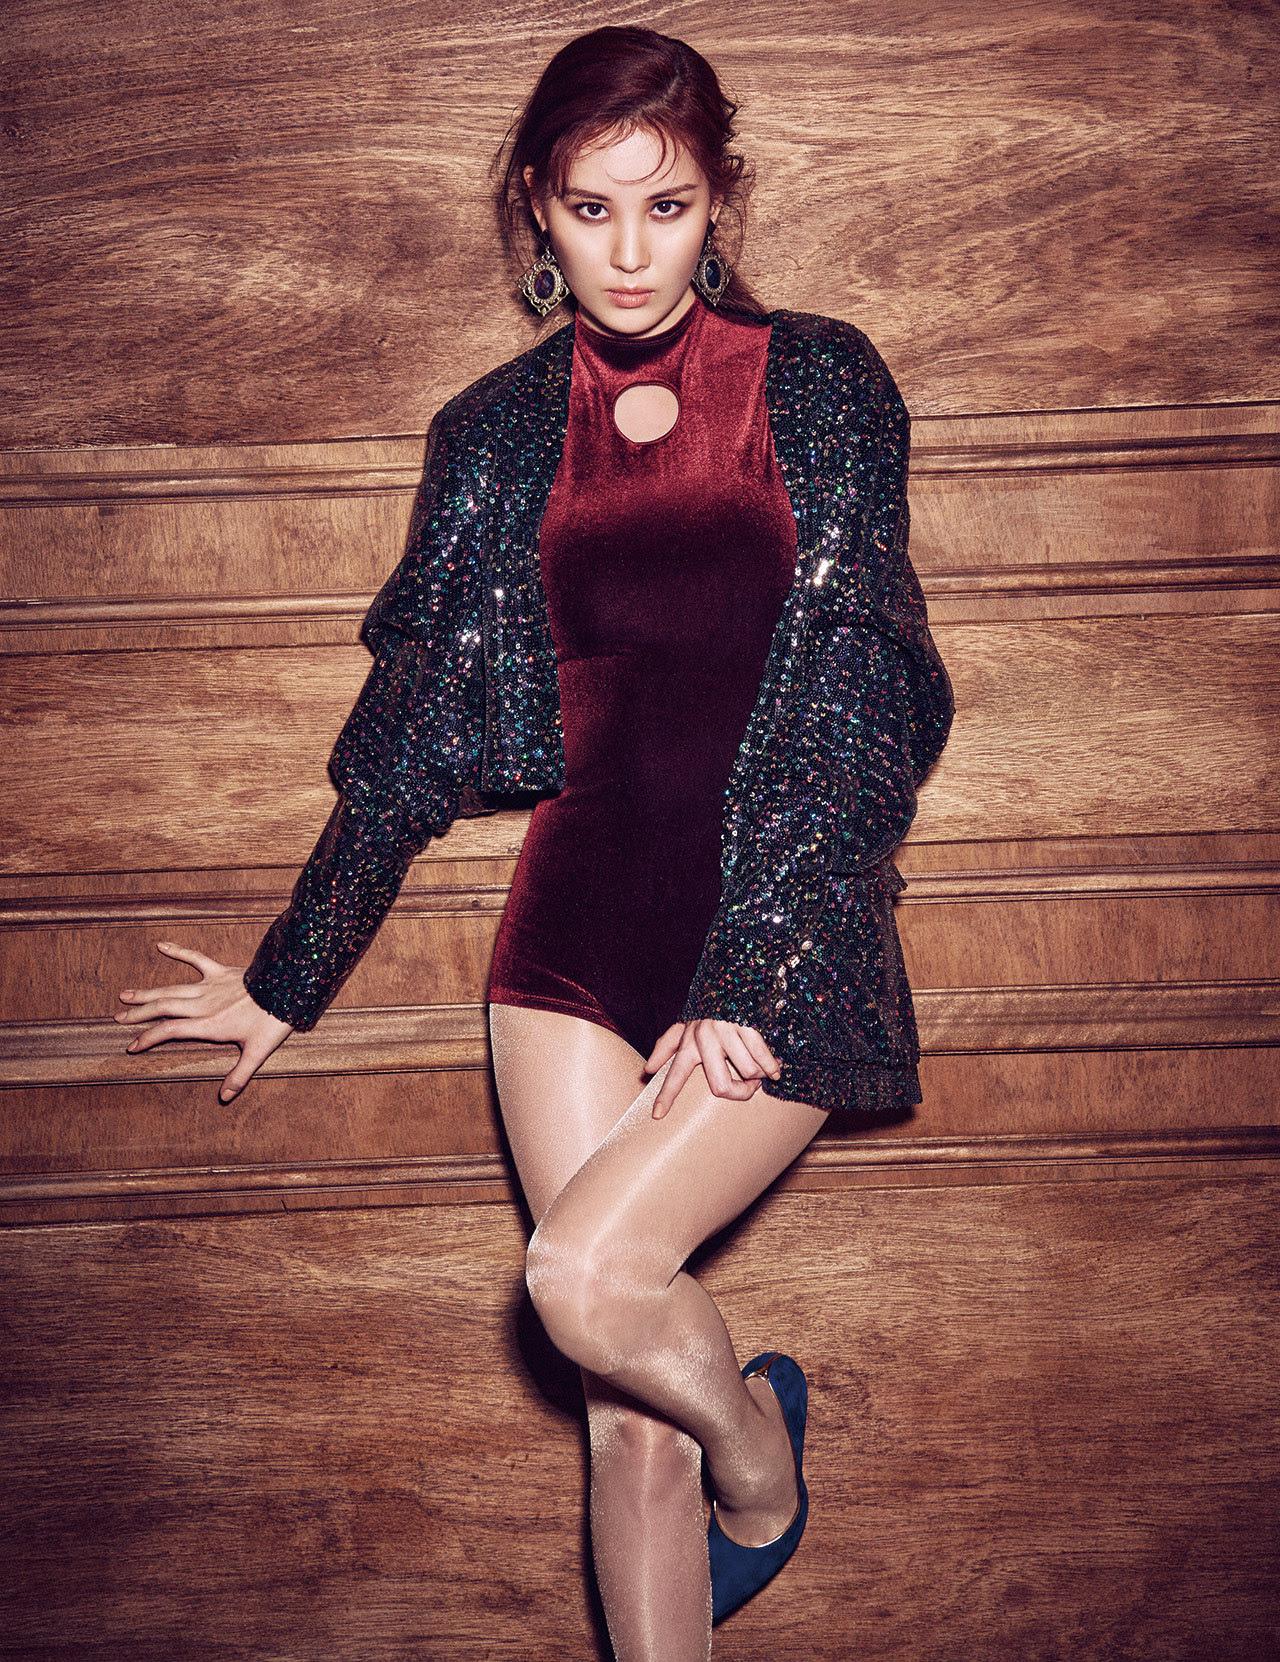 Seohyun (SNSD) - Harper's Bazaar Magazine March Issue '17